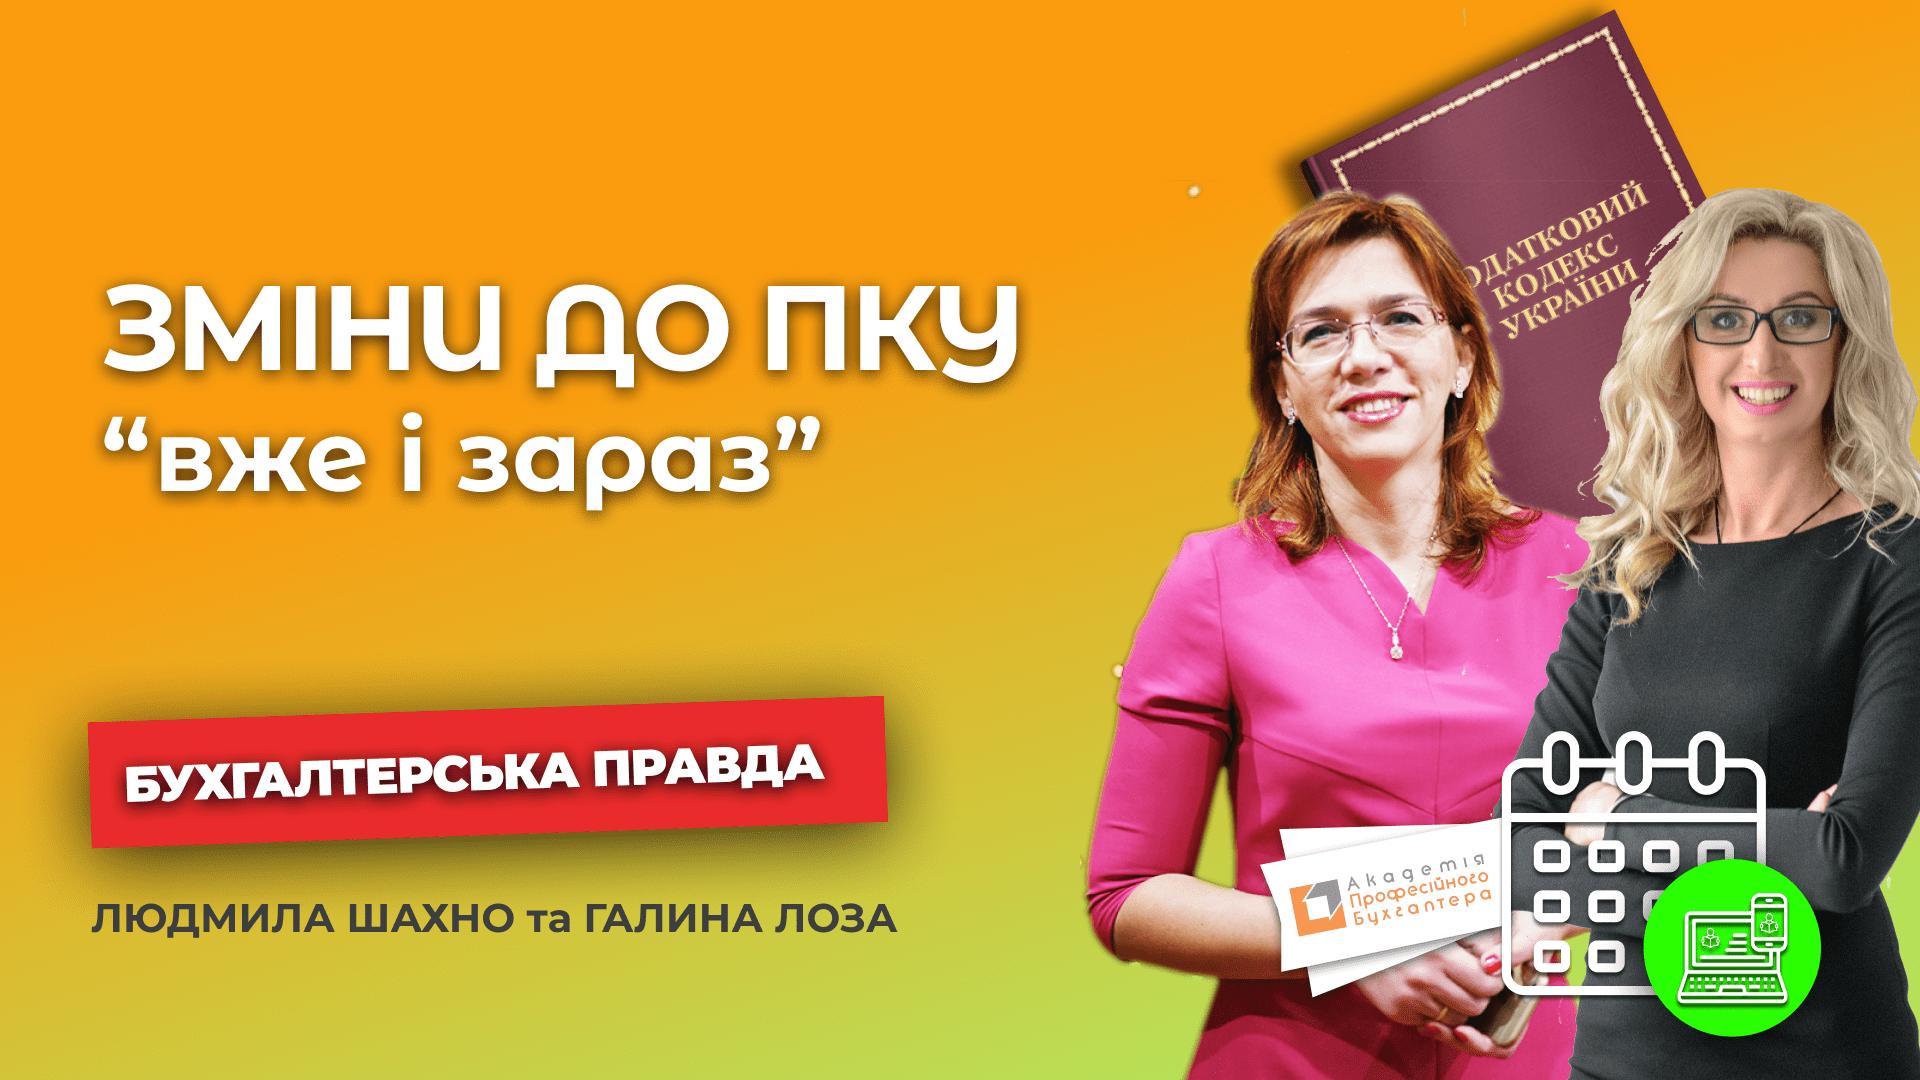 Бухгалтерська правда Зміни до ПКУ